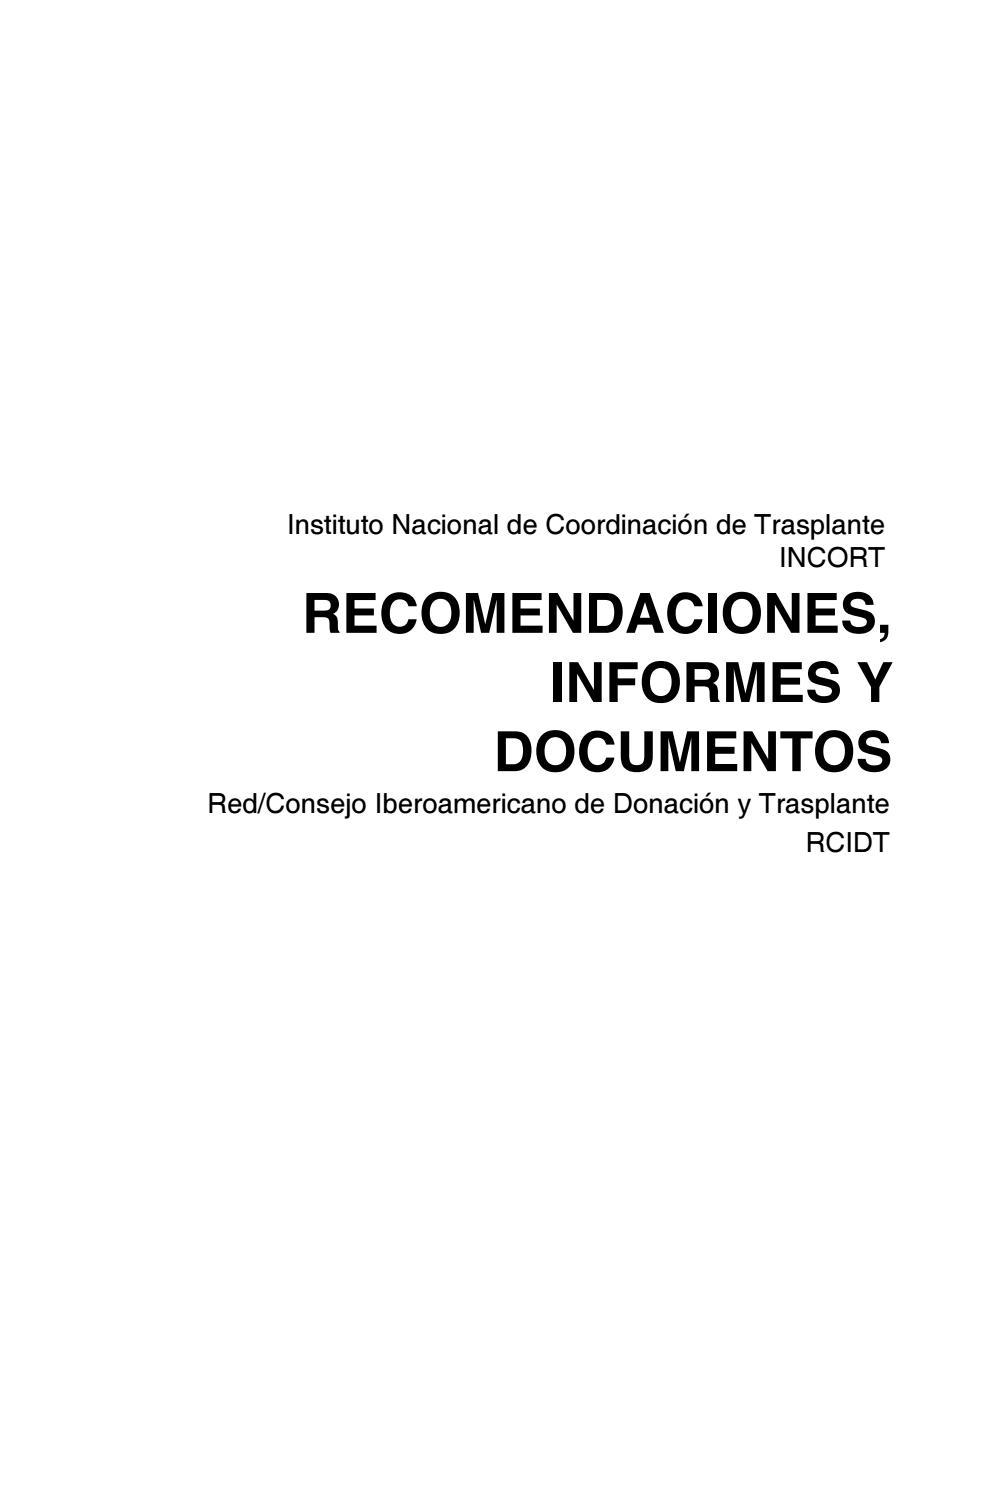 Recomendaciones, informes y documentos de la rcidt by 3bambu - issuu